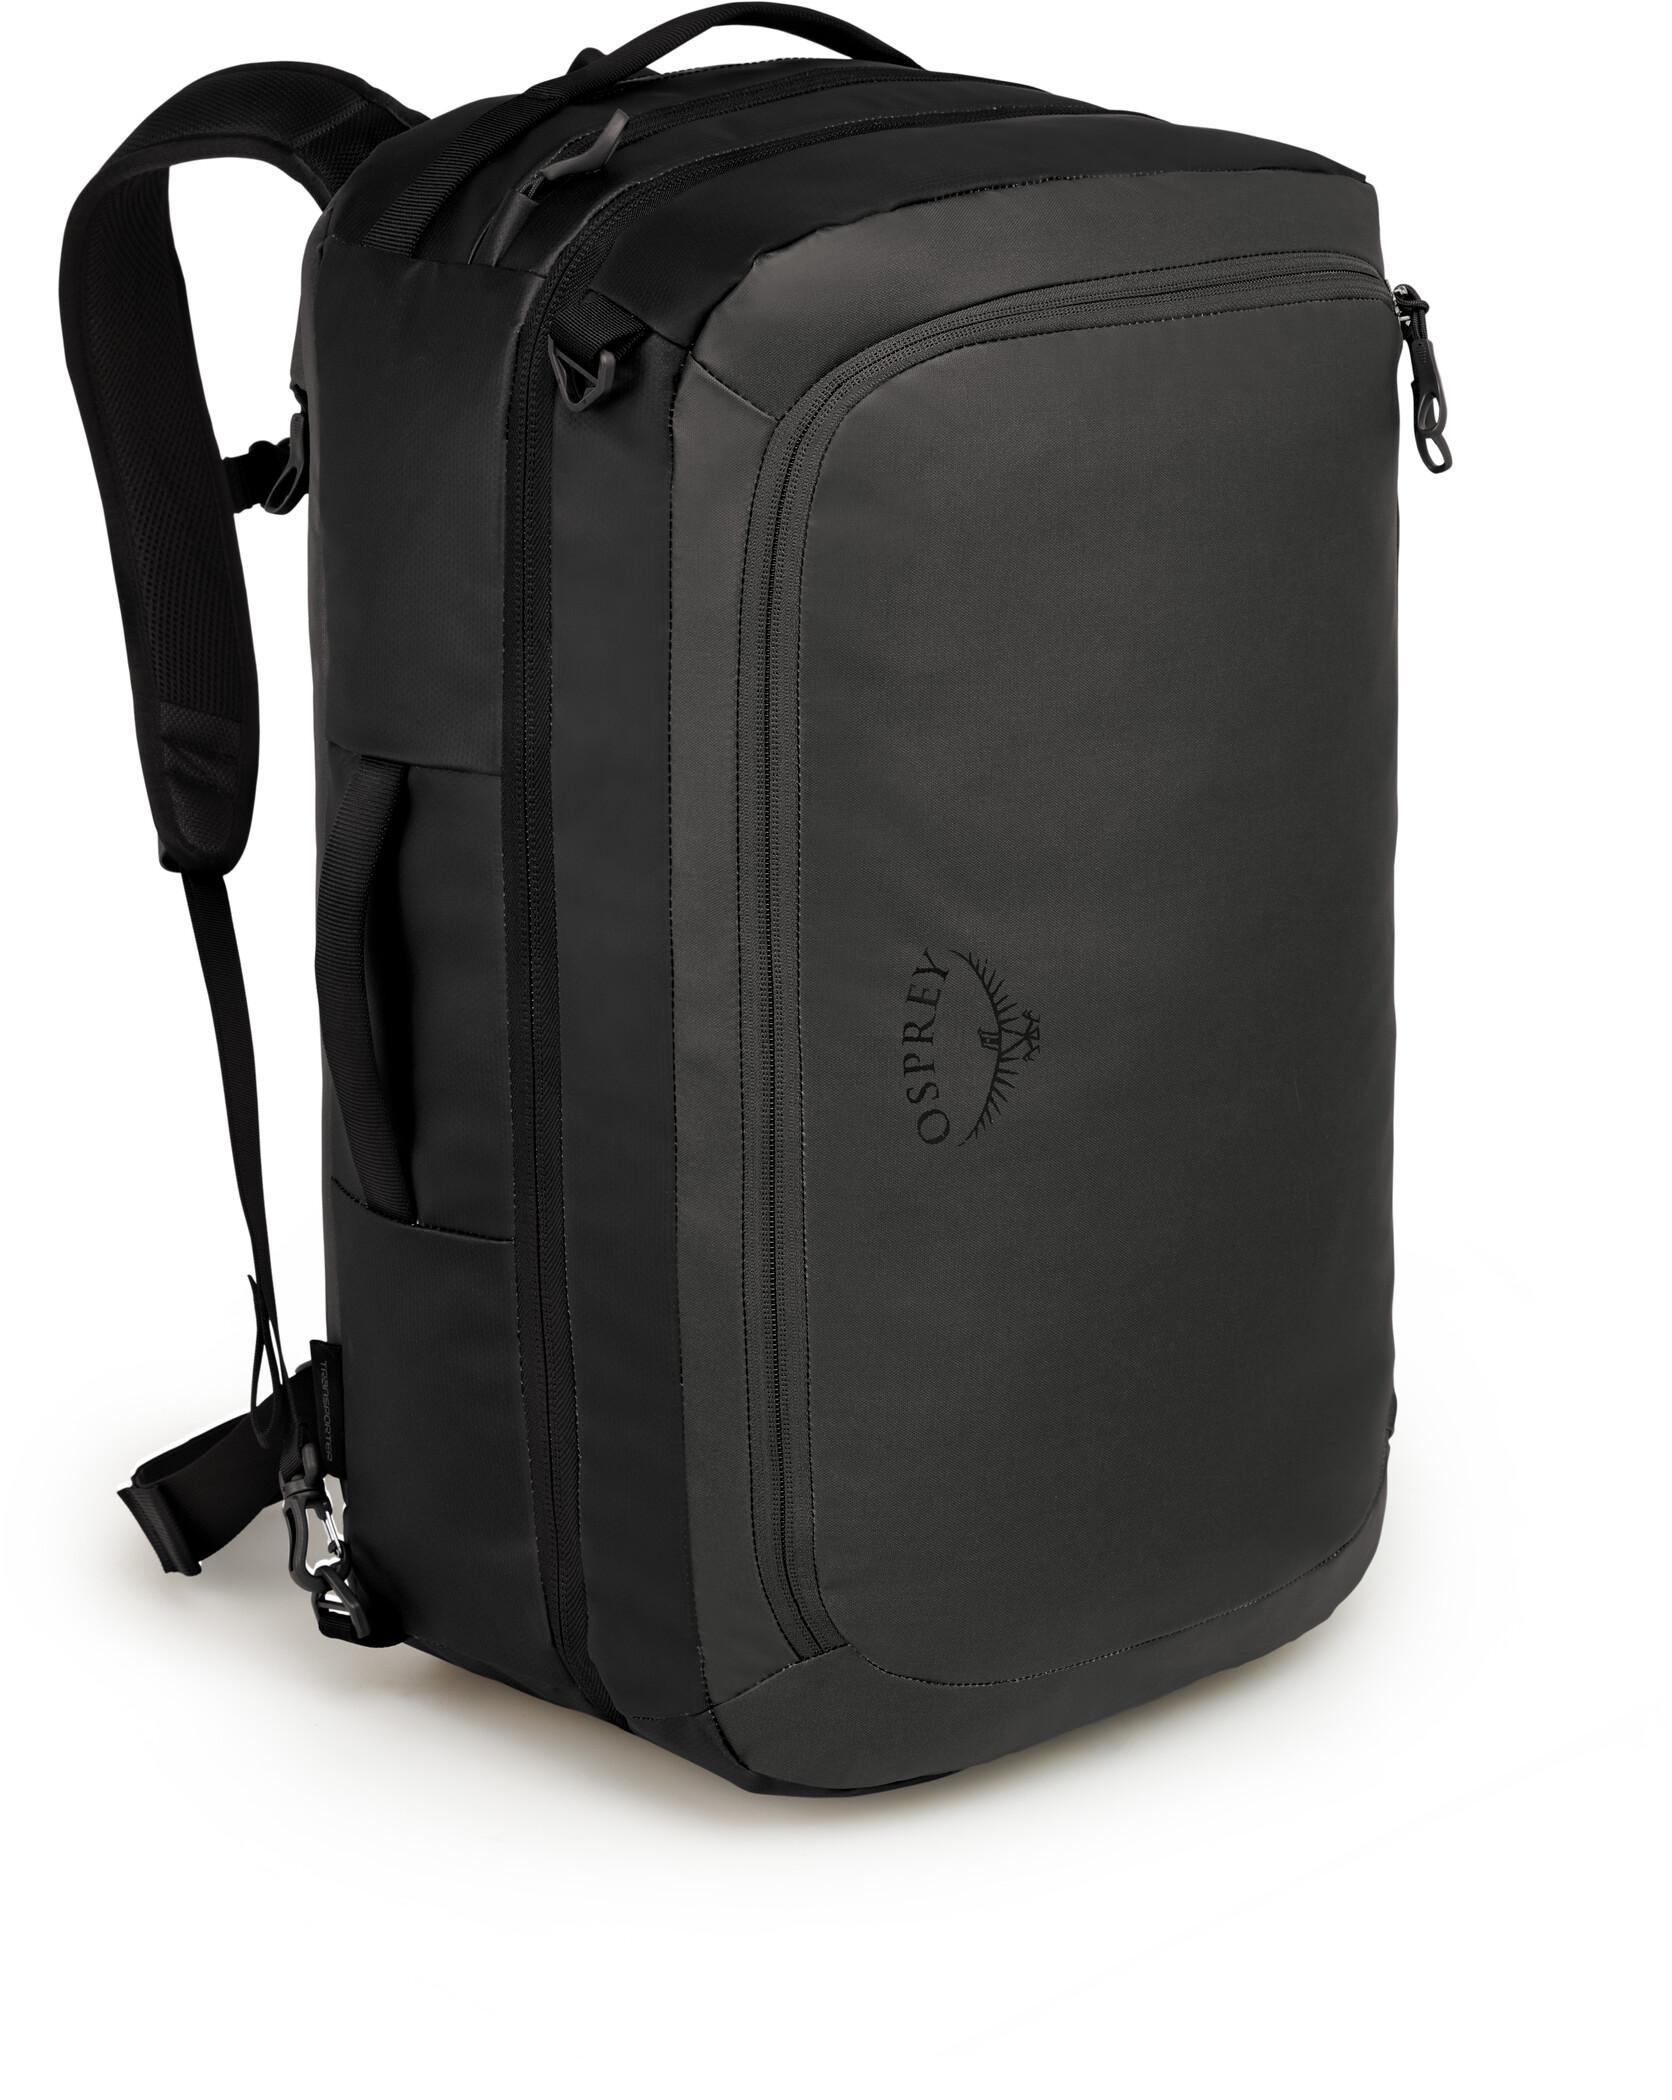 Osprey Transporter Carry On 44 Backpack black